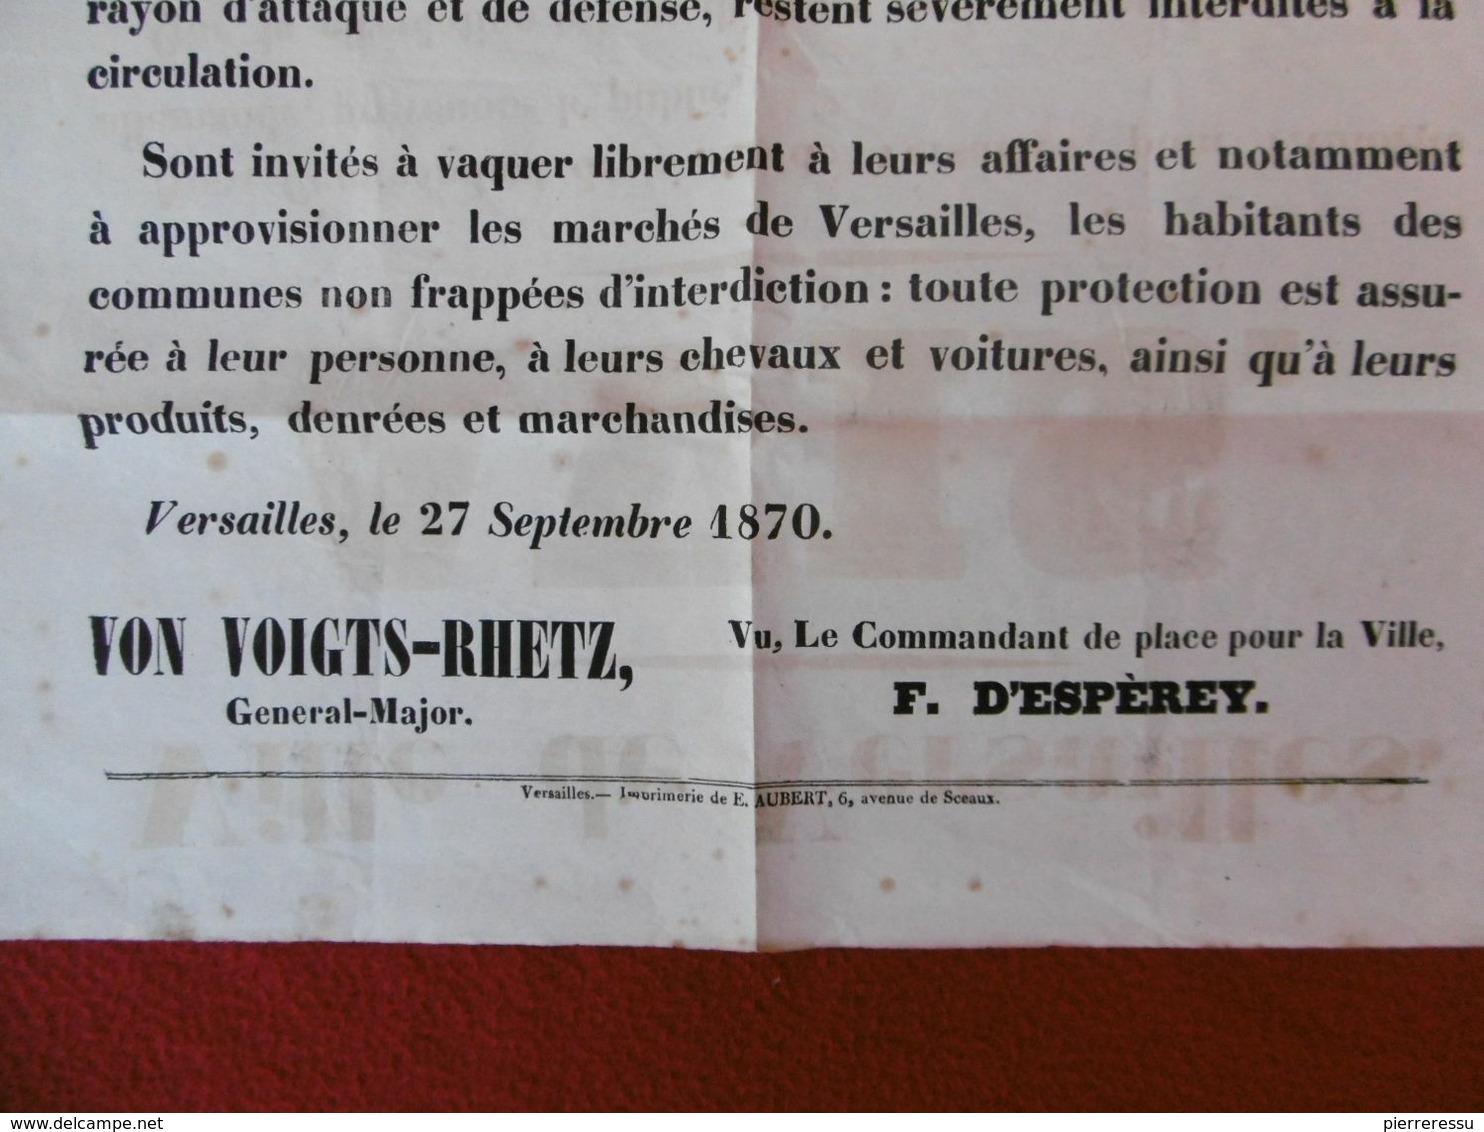 SIEGE DE PARIS AFFICHE VILLE DE VERSAILLES AVIS 27 SEPTEMBRE 1870 CACHET MORIN ENTREPRISE D AFFICHAGE & D ANNONCES - Posters